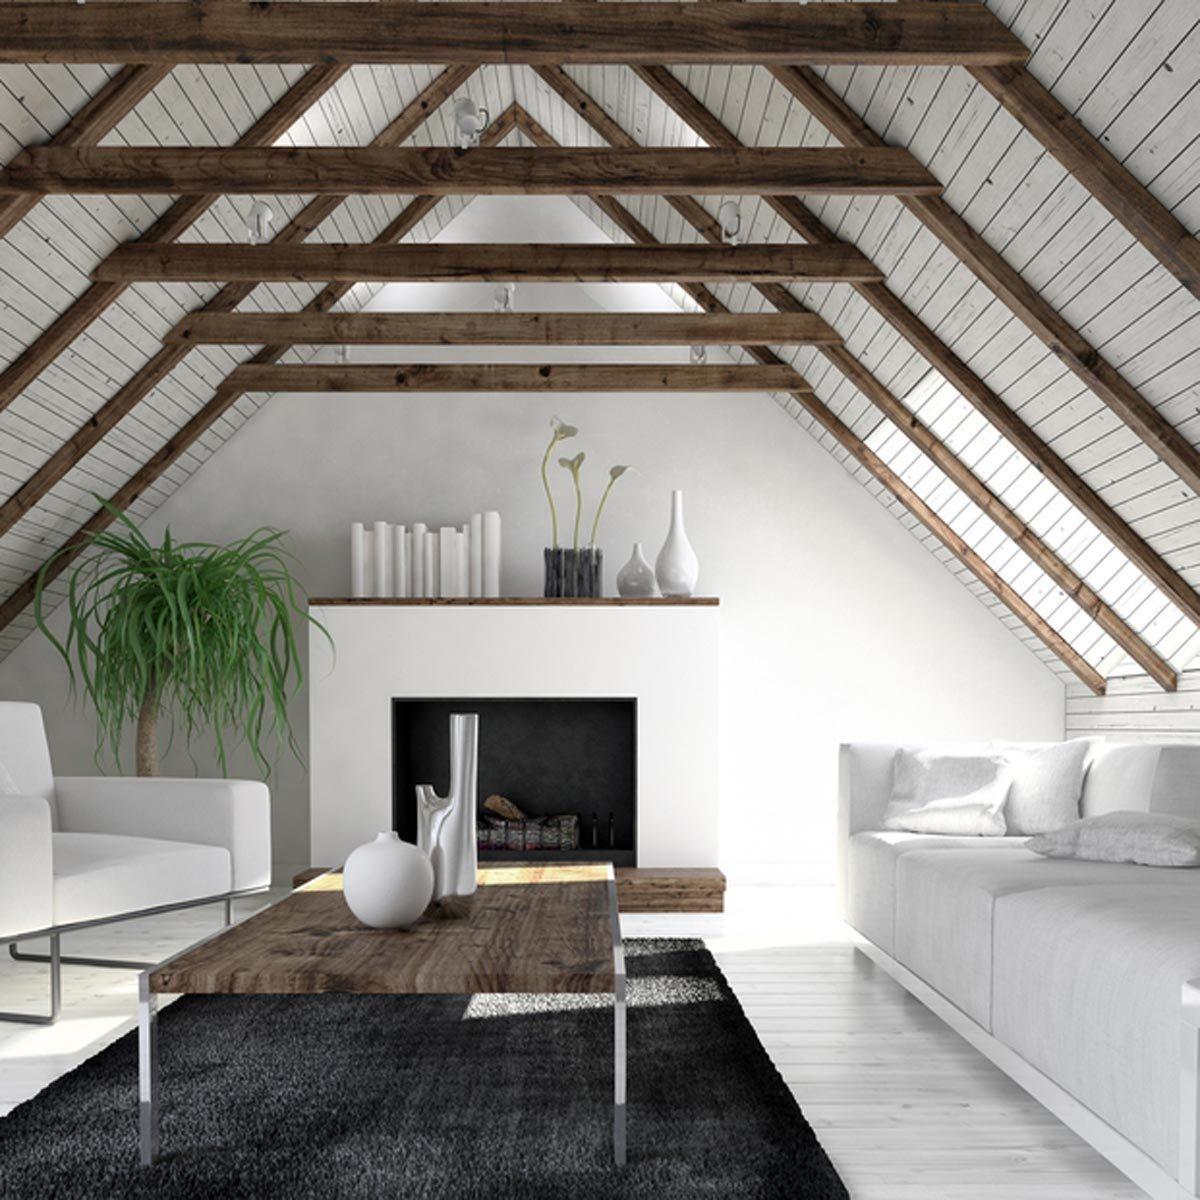 Décorez le plafond avec des poutres rustiques pour un look artistique.